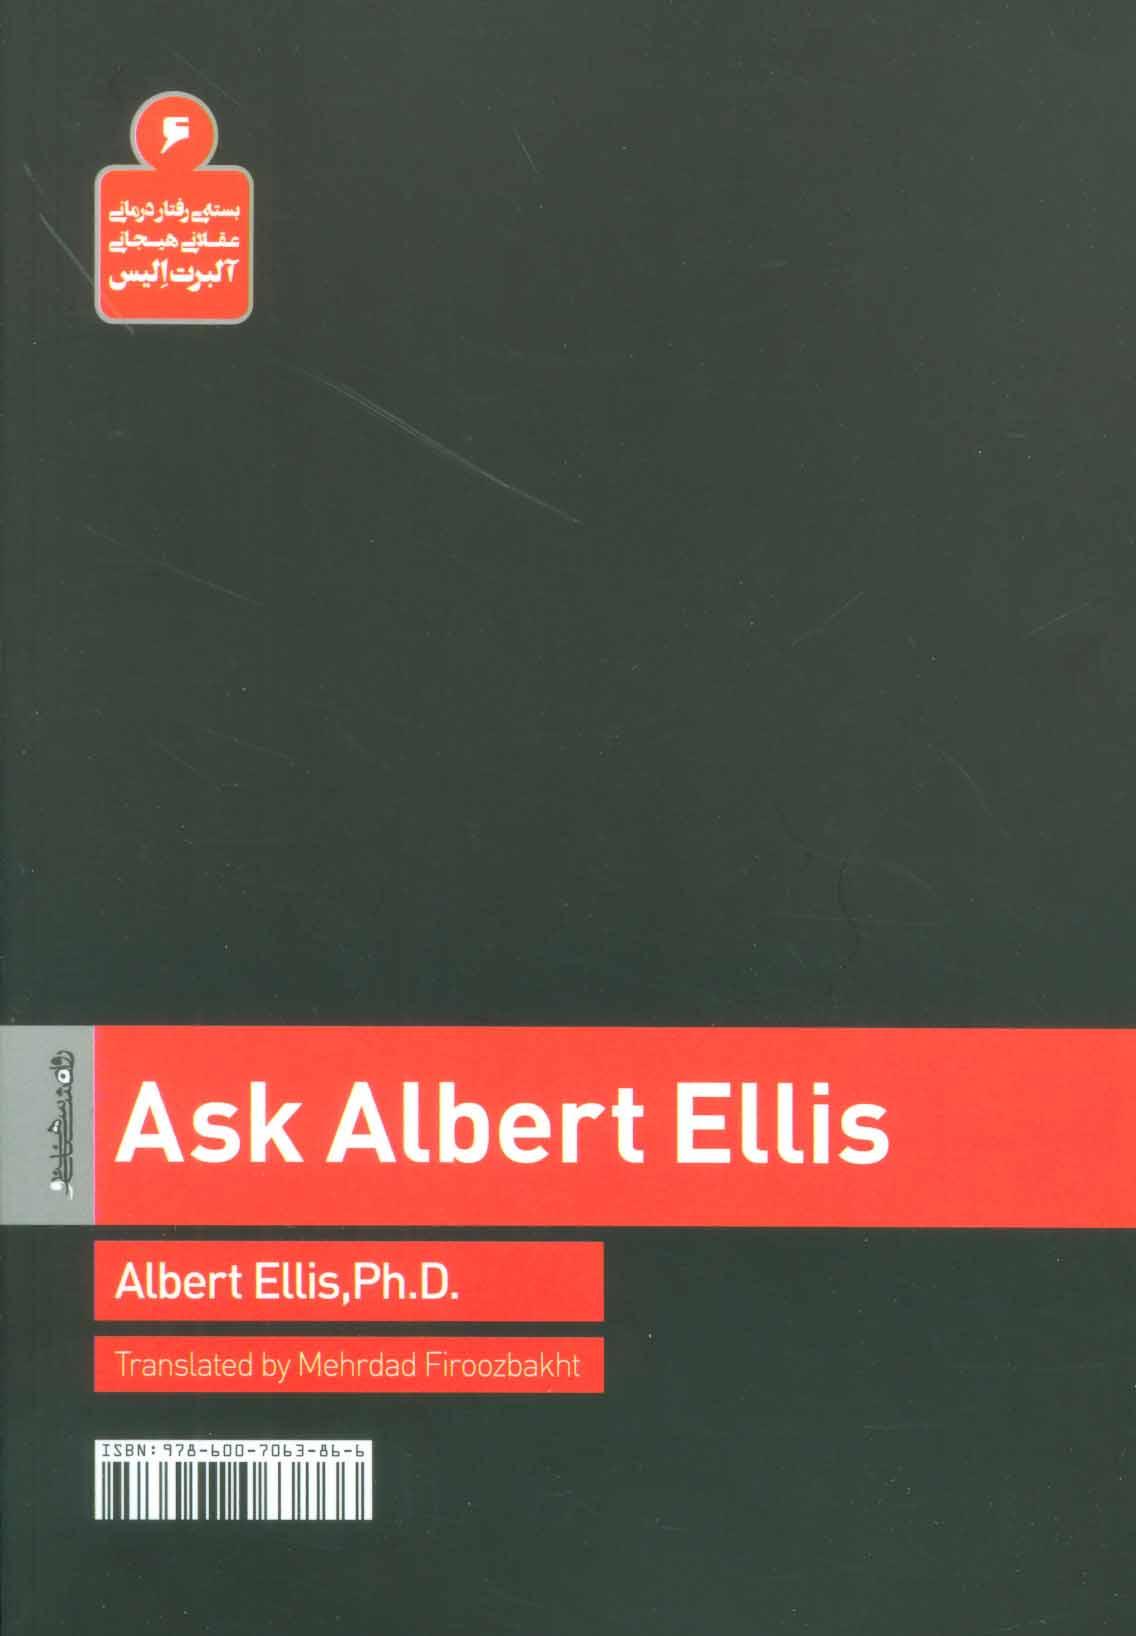 با آلبرت الیس مشاوره کنید